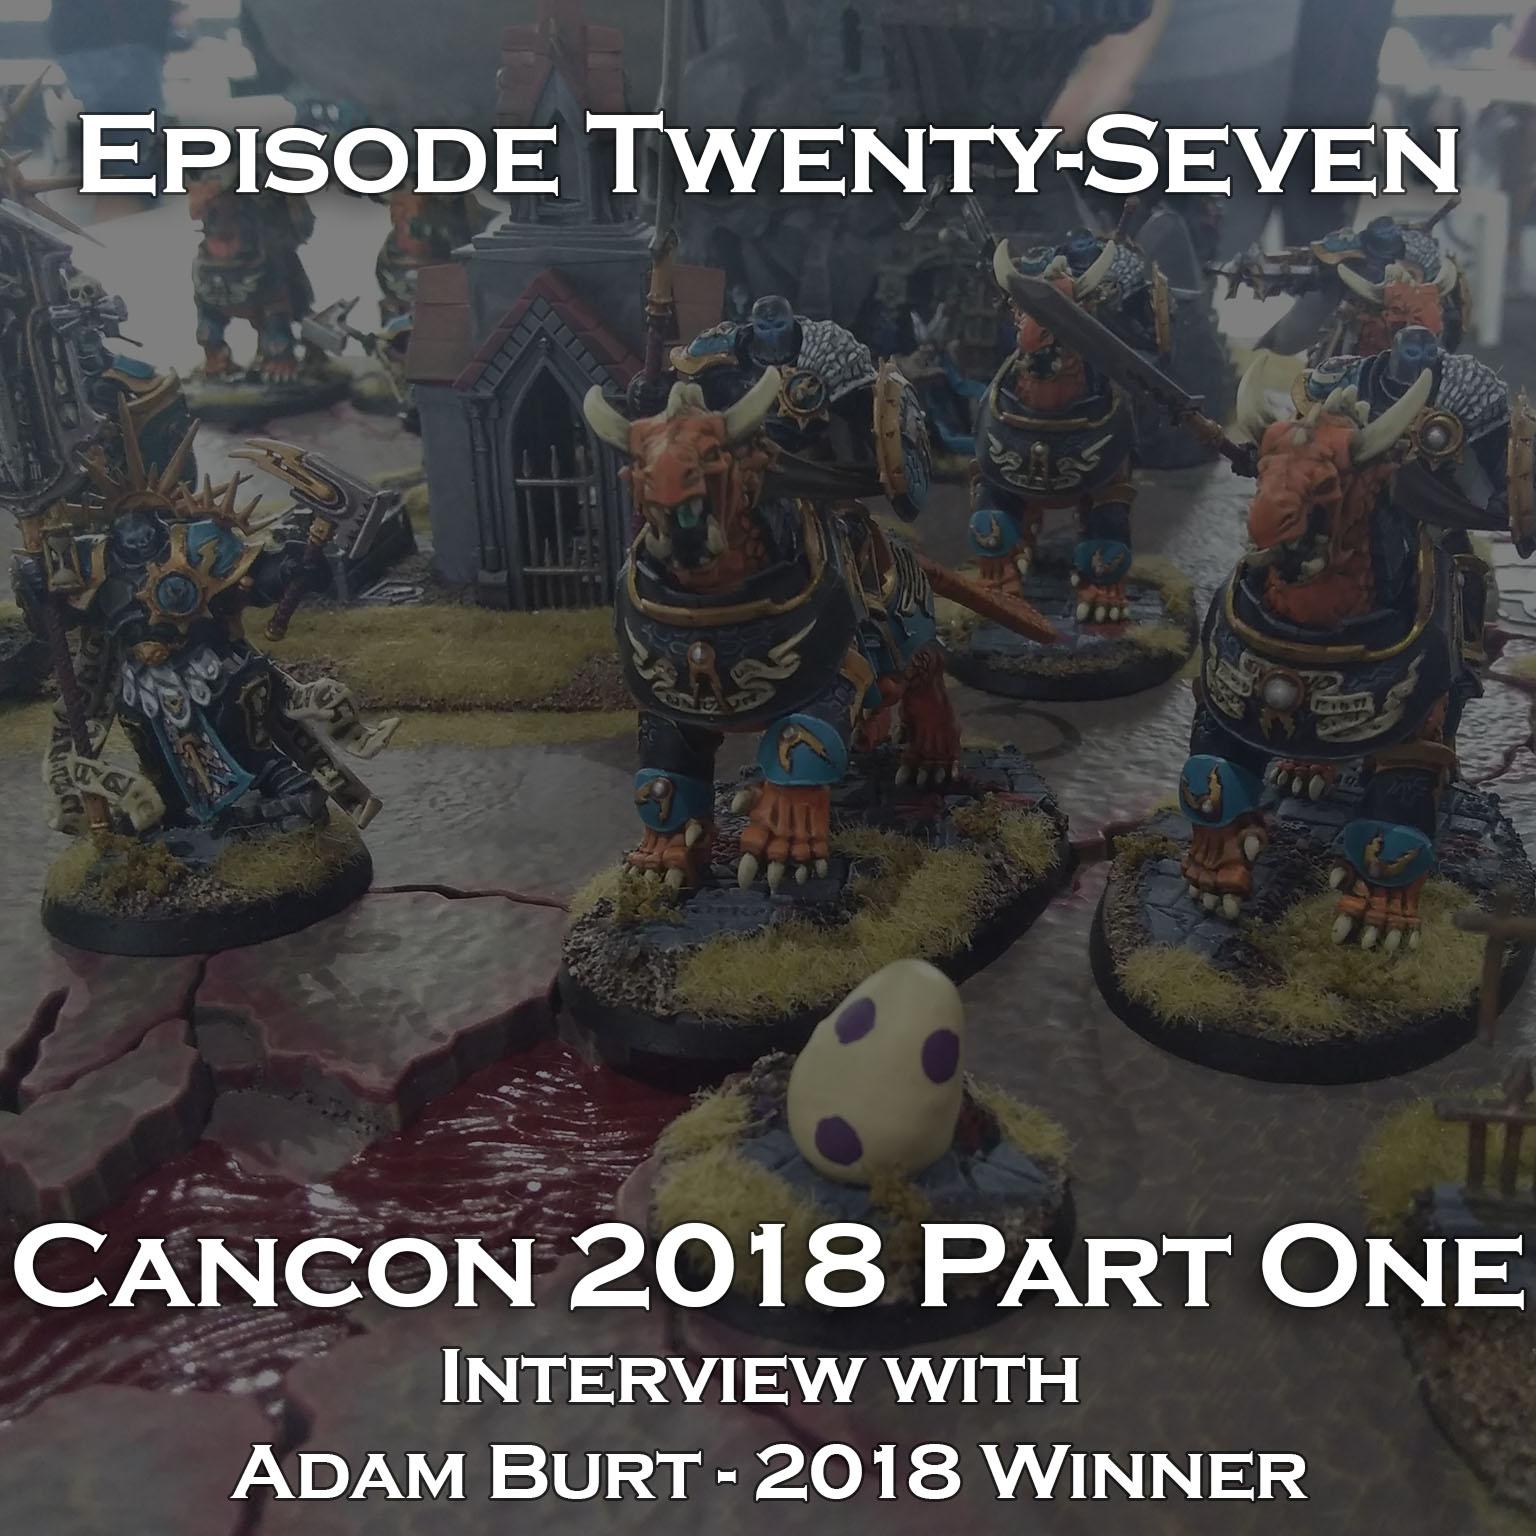 Episode Twenty-Seven - Cancon 2018 Part 1 - Interview with Adam Burt - 2018 Winner